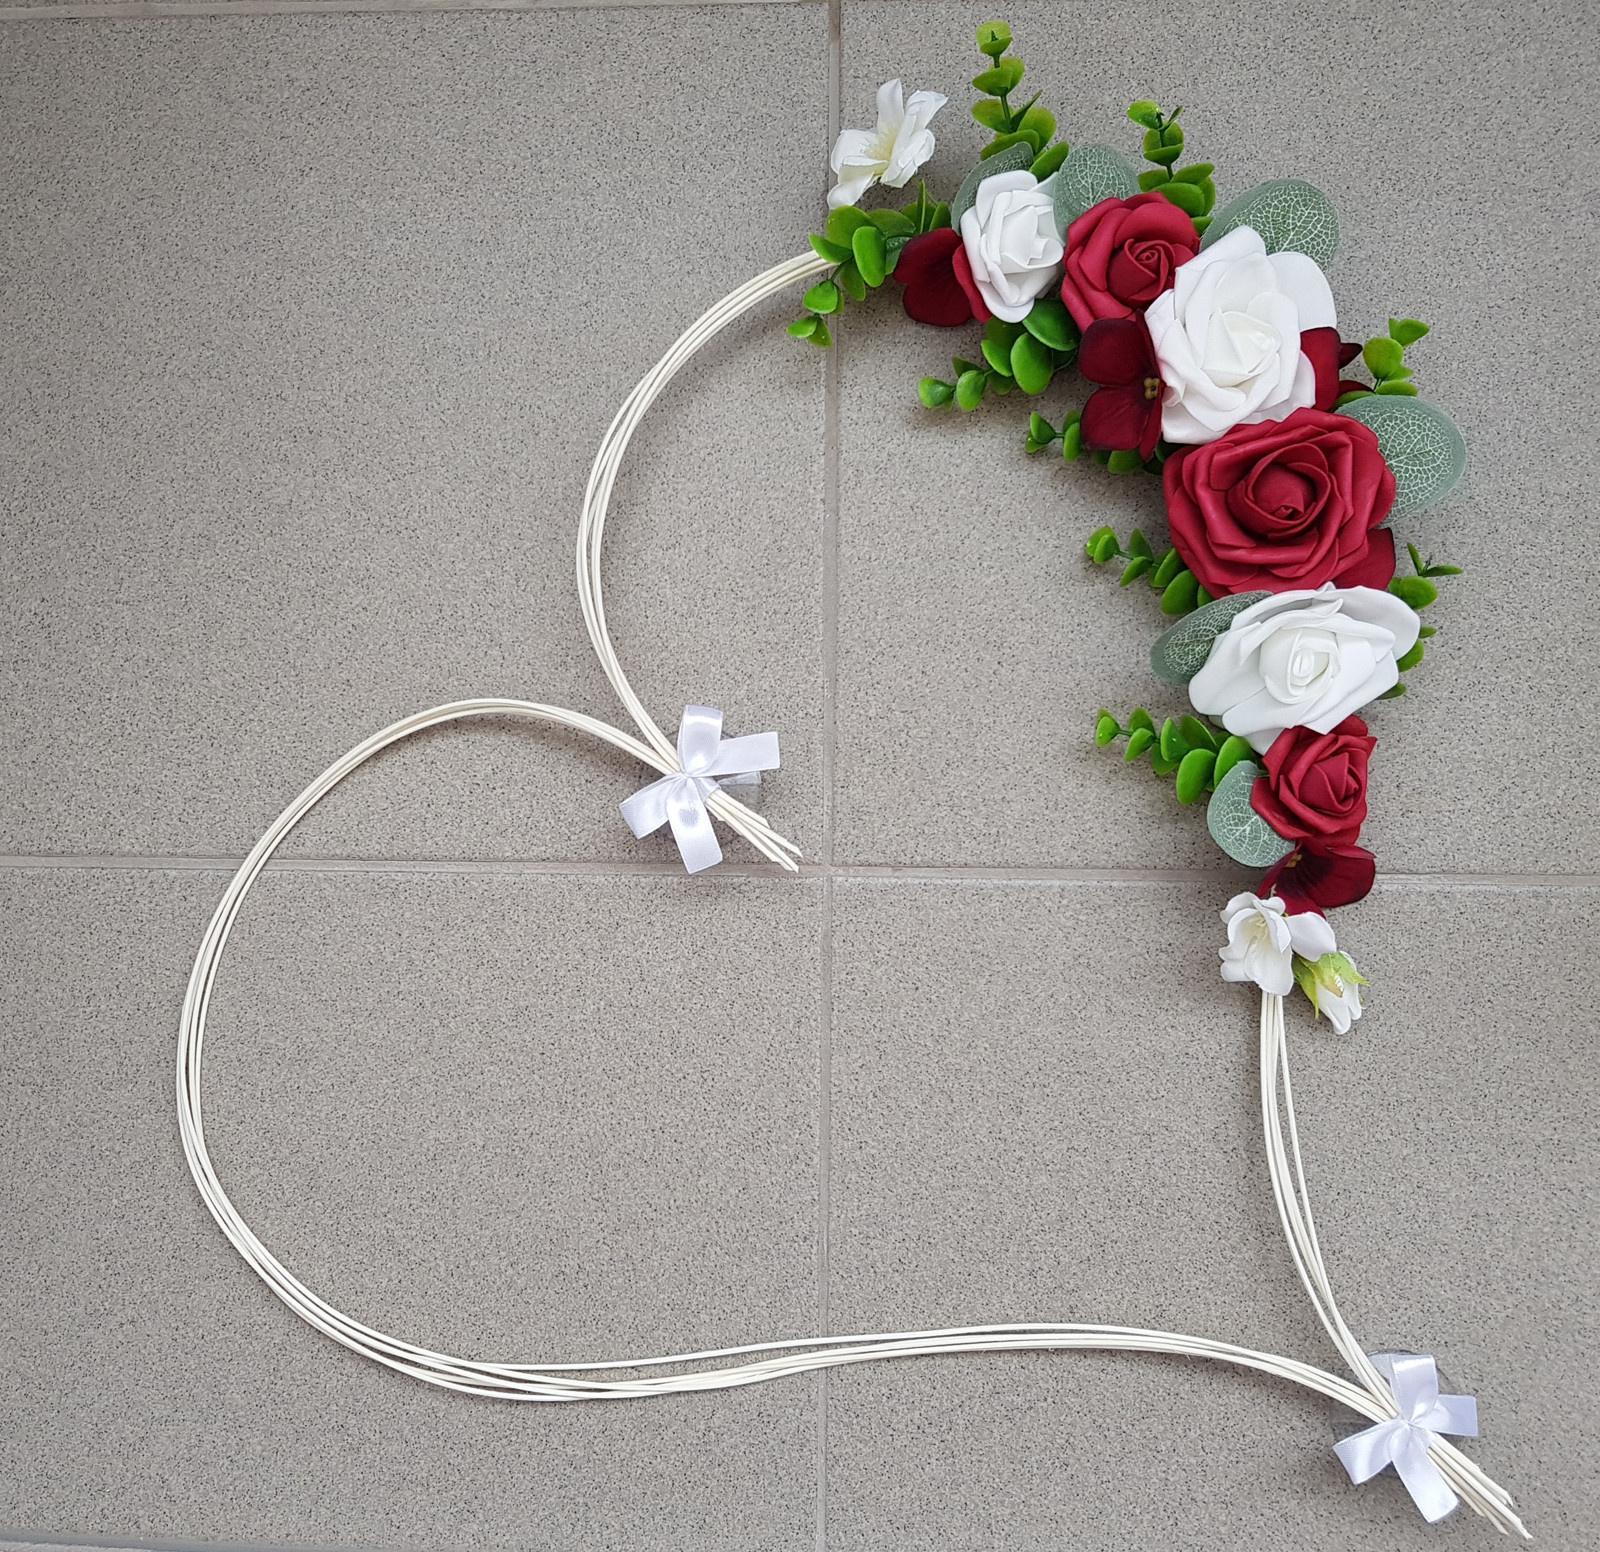 Srdce na kapotu bílá a vínová - Obrázek č. 1